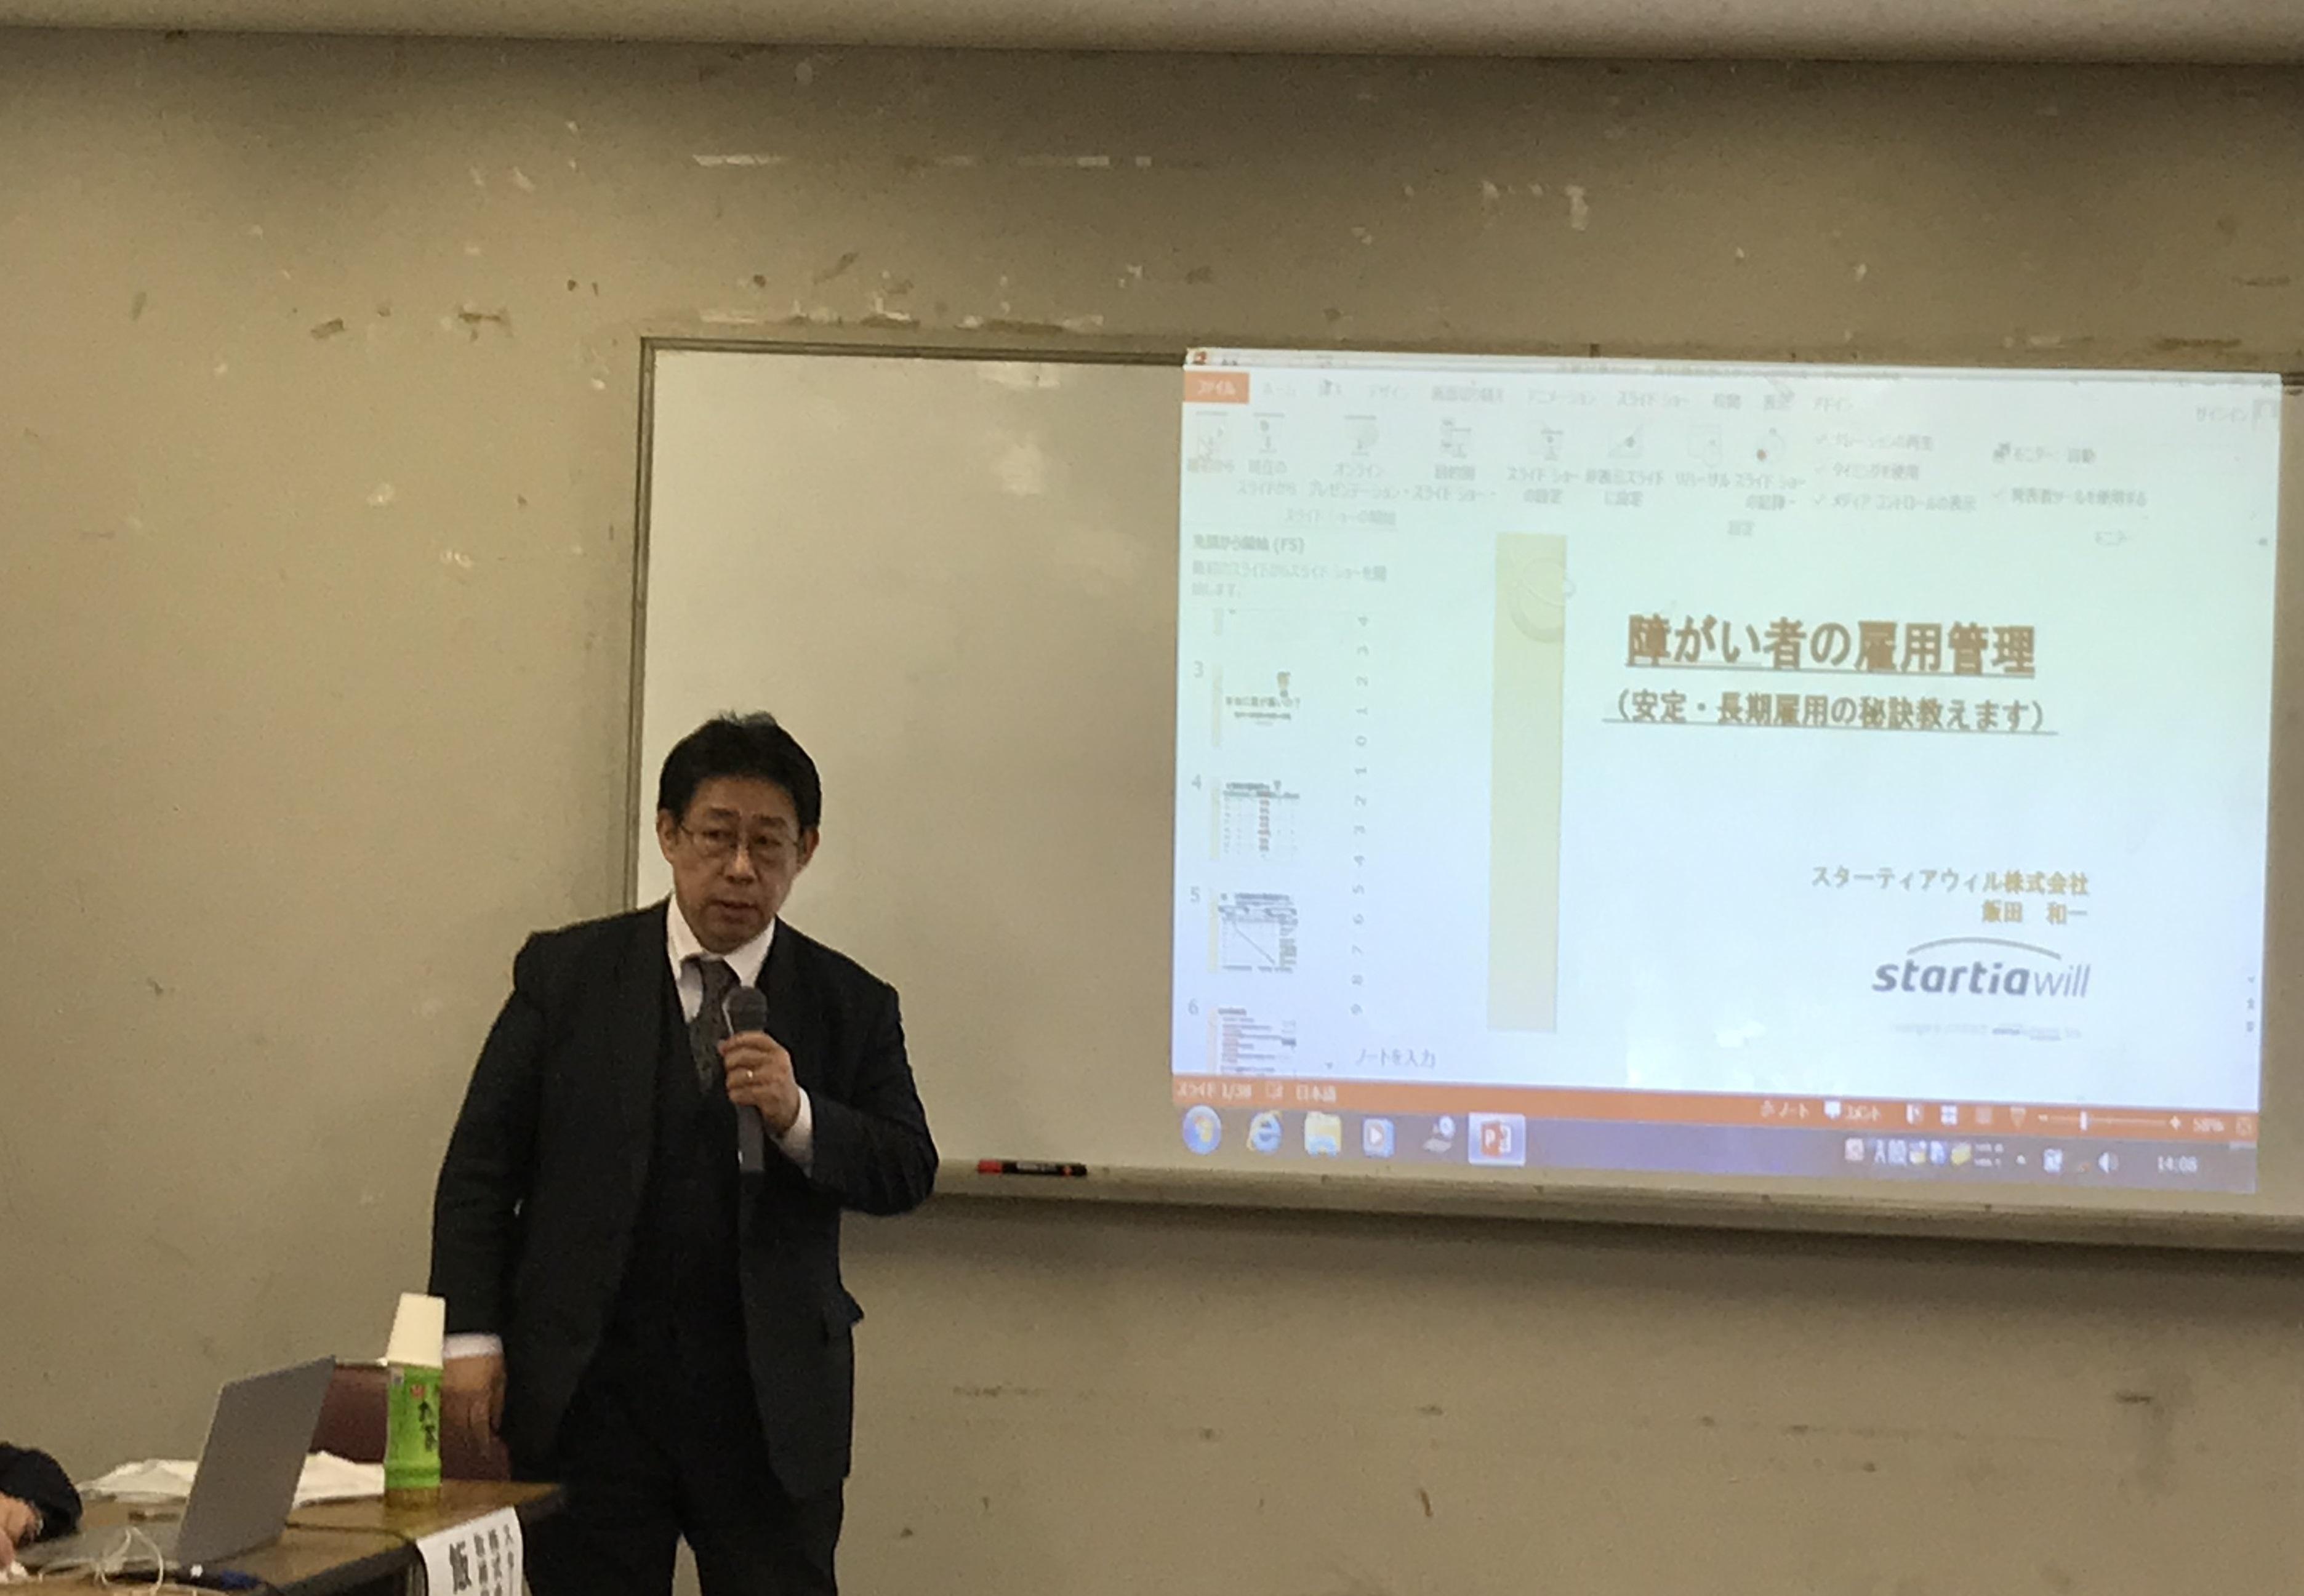 【スターティアウィル】取締役 飯田和一の講演会を開催しました